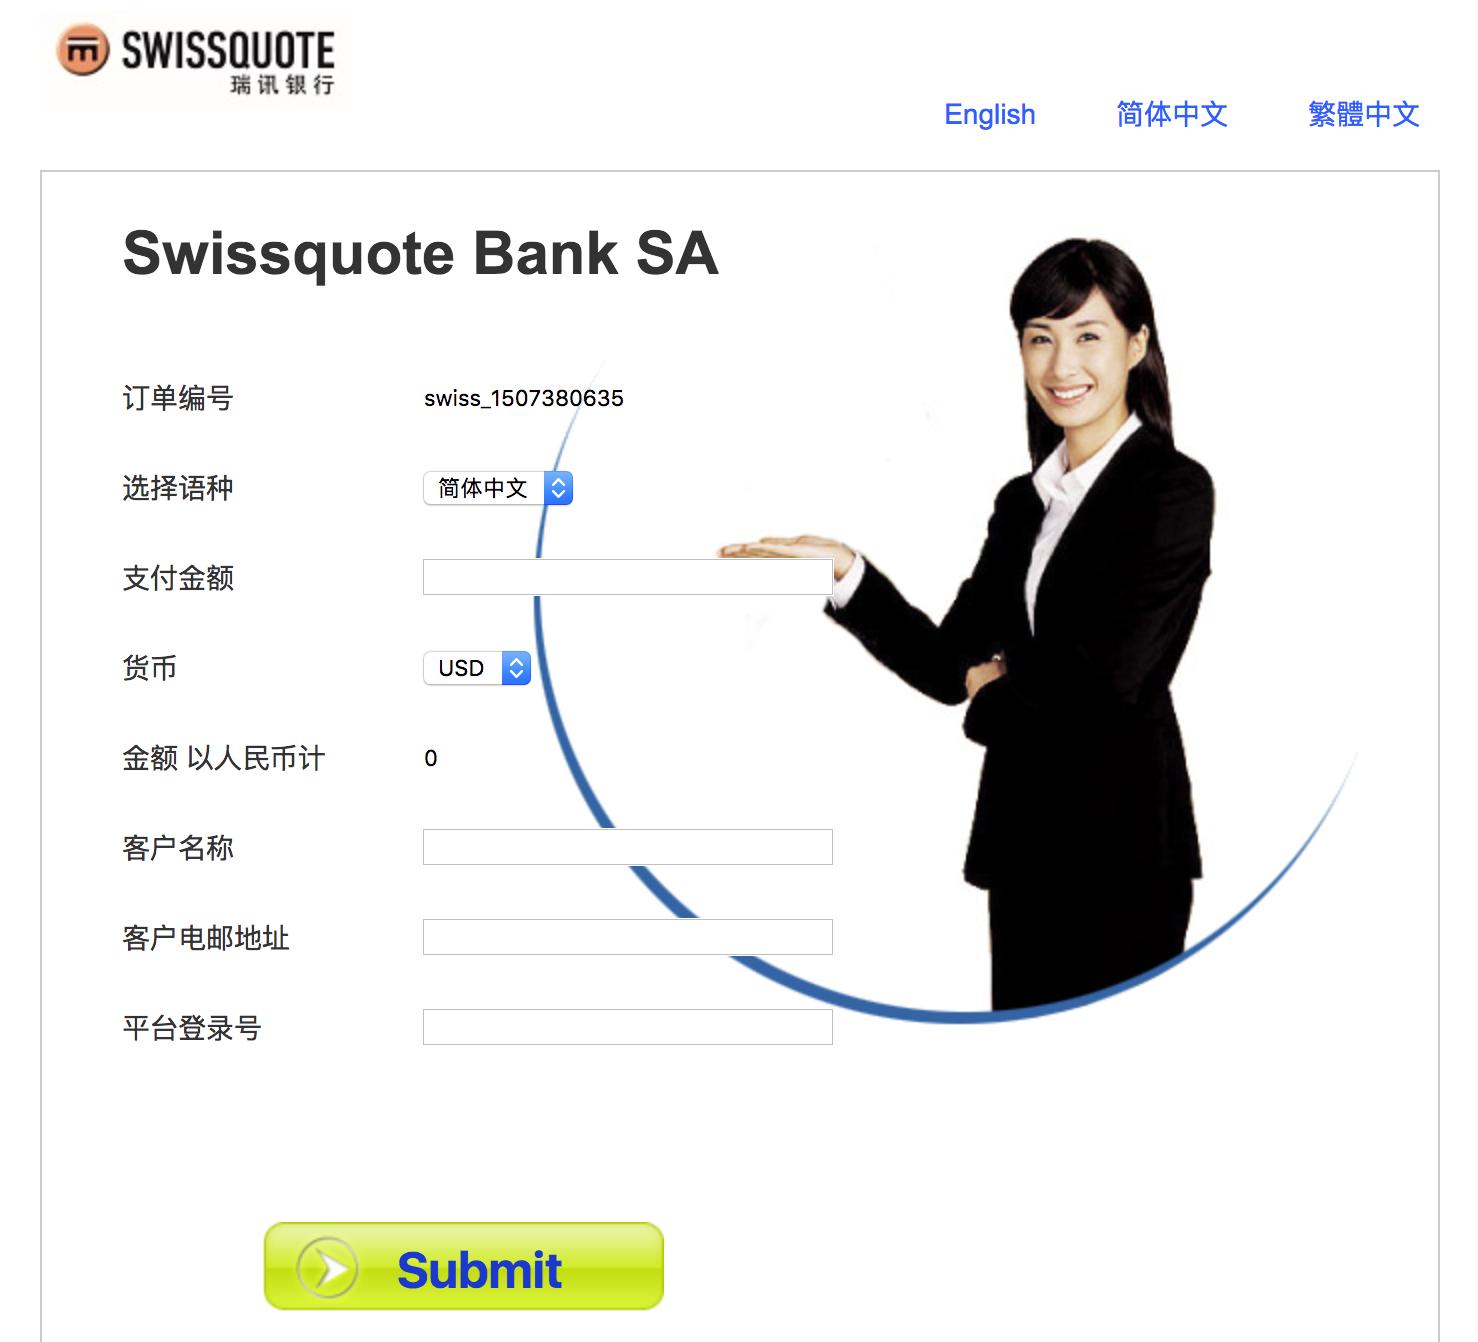 swissquote-bank-sa